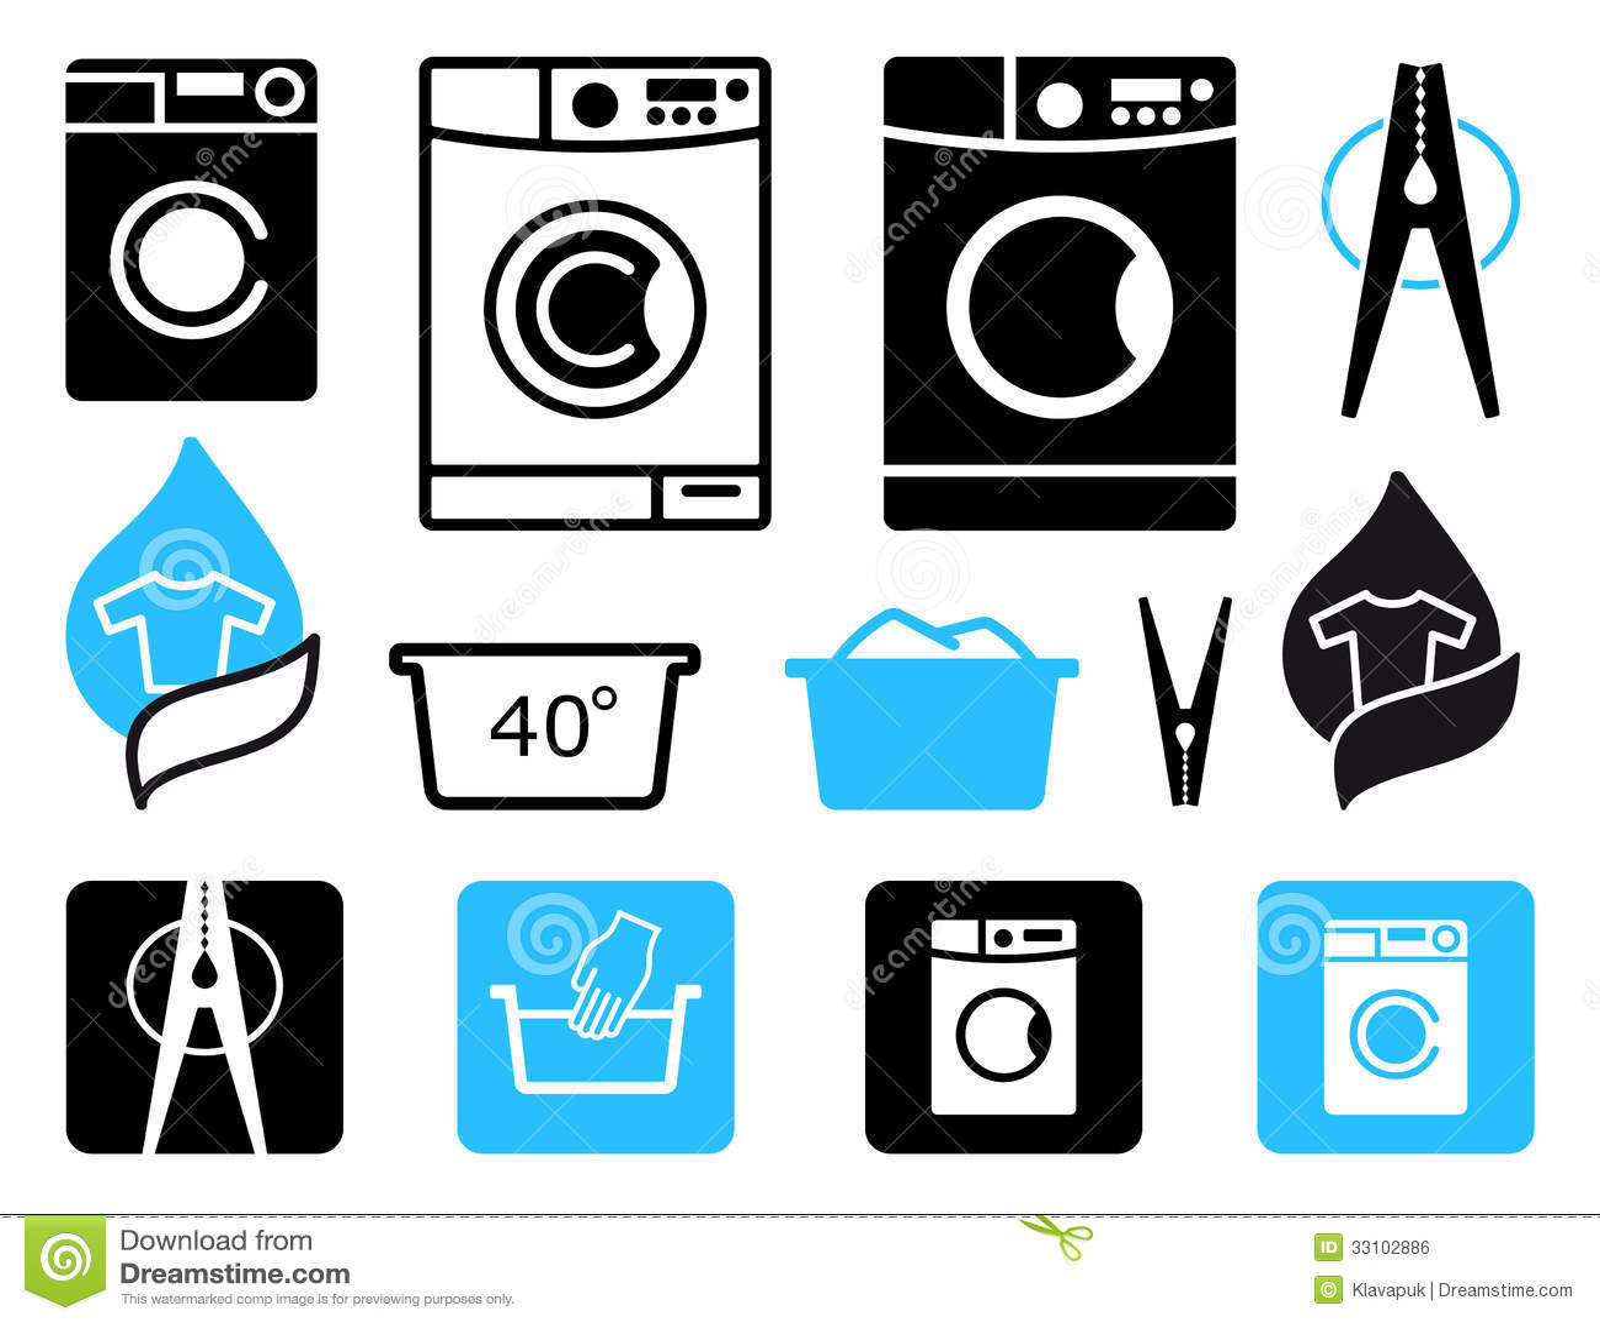 Washing Icons Royalty Free Stock Image Image 33102886